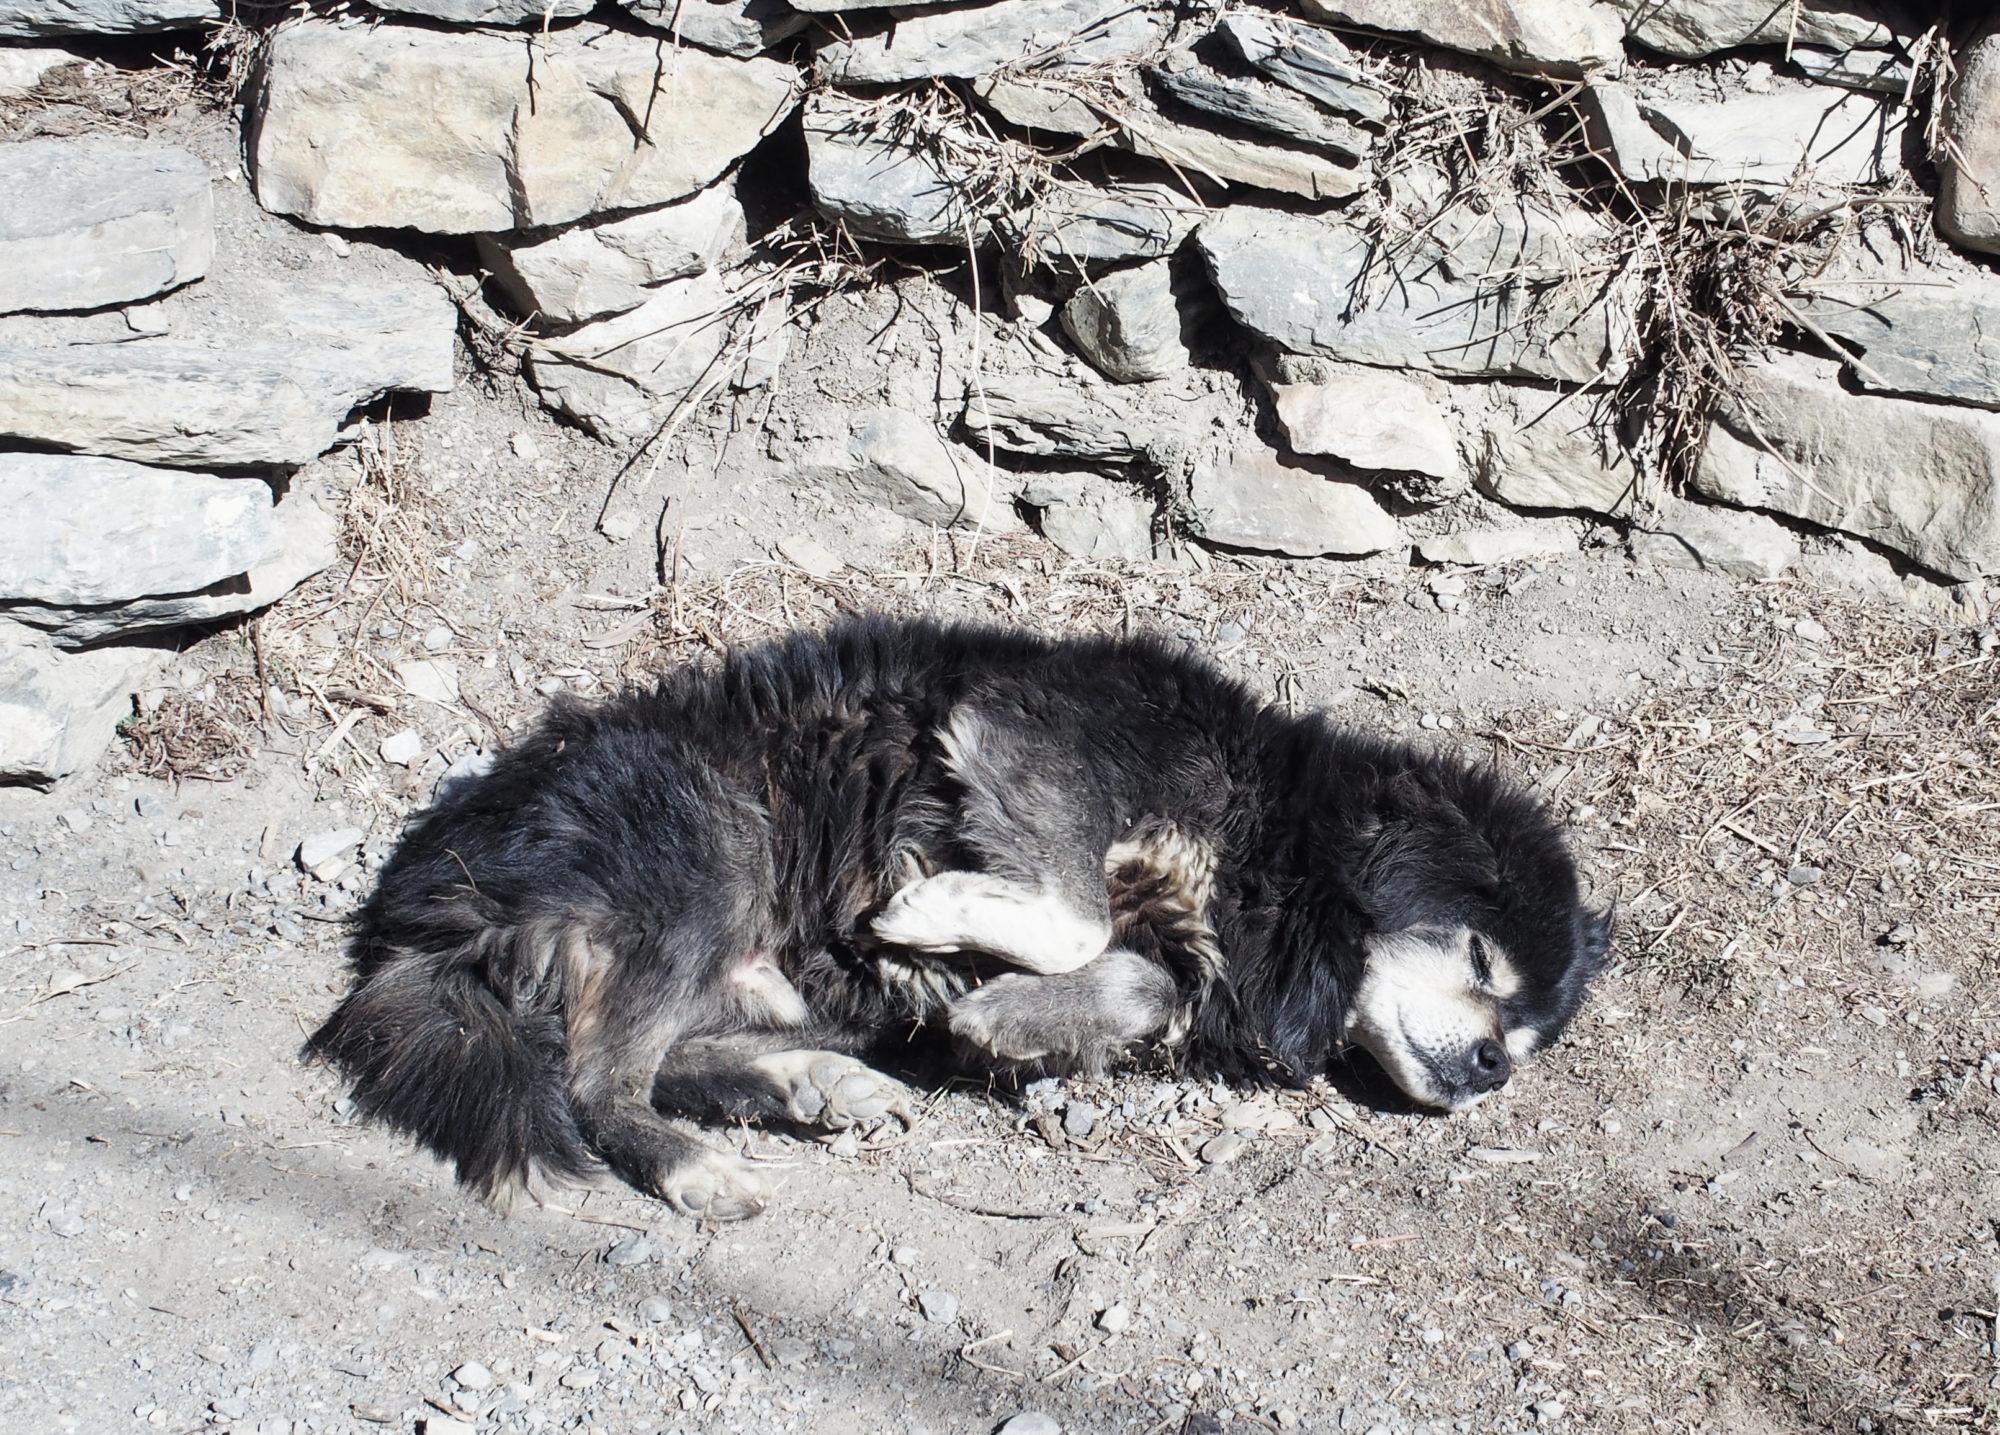 Ein schlafender Hund auf dem Weg